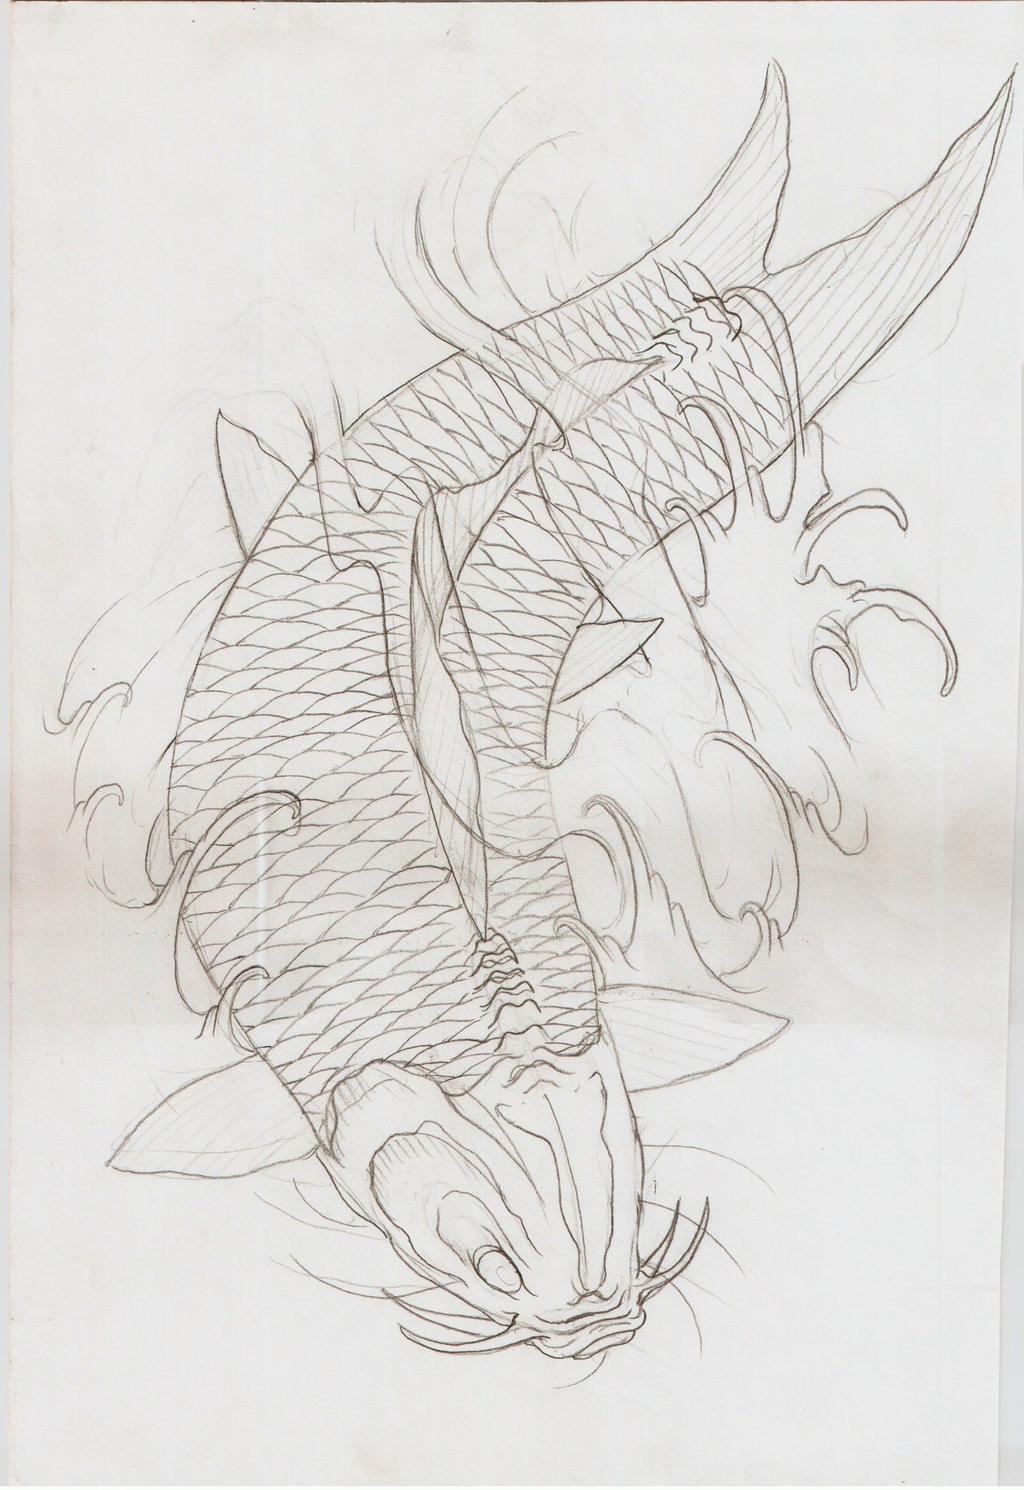 Koi fish vi outline by eltri on deviantart for Koi fish outline